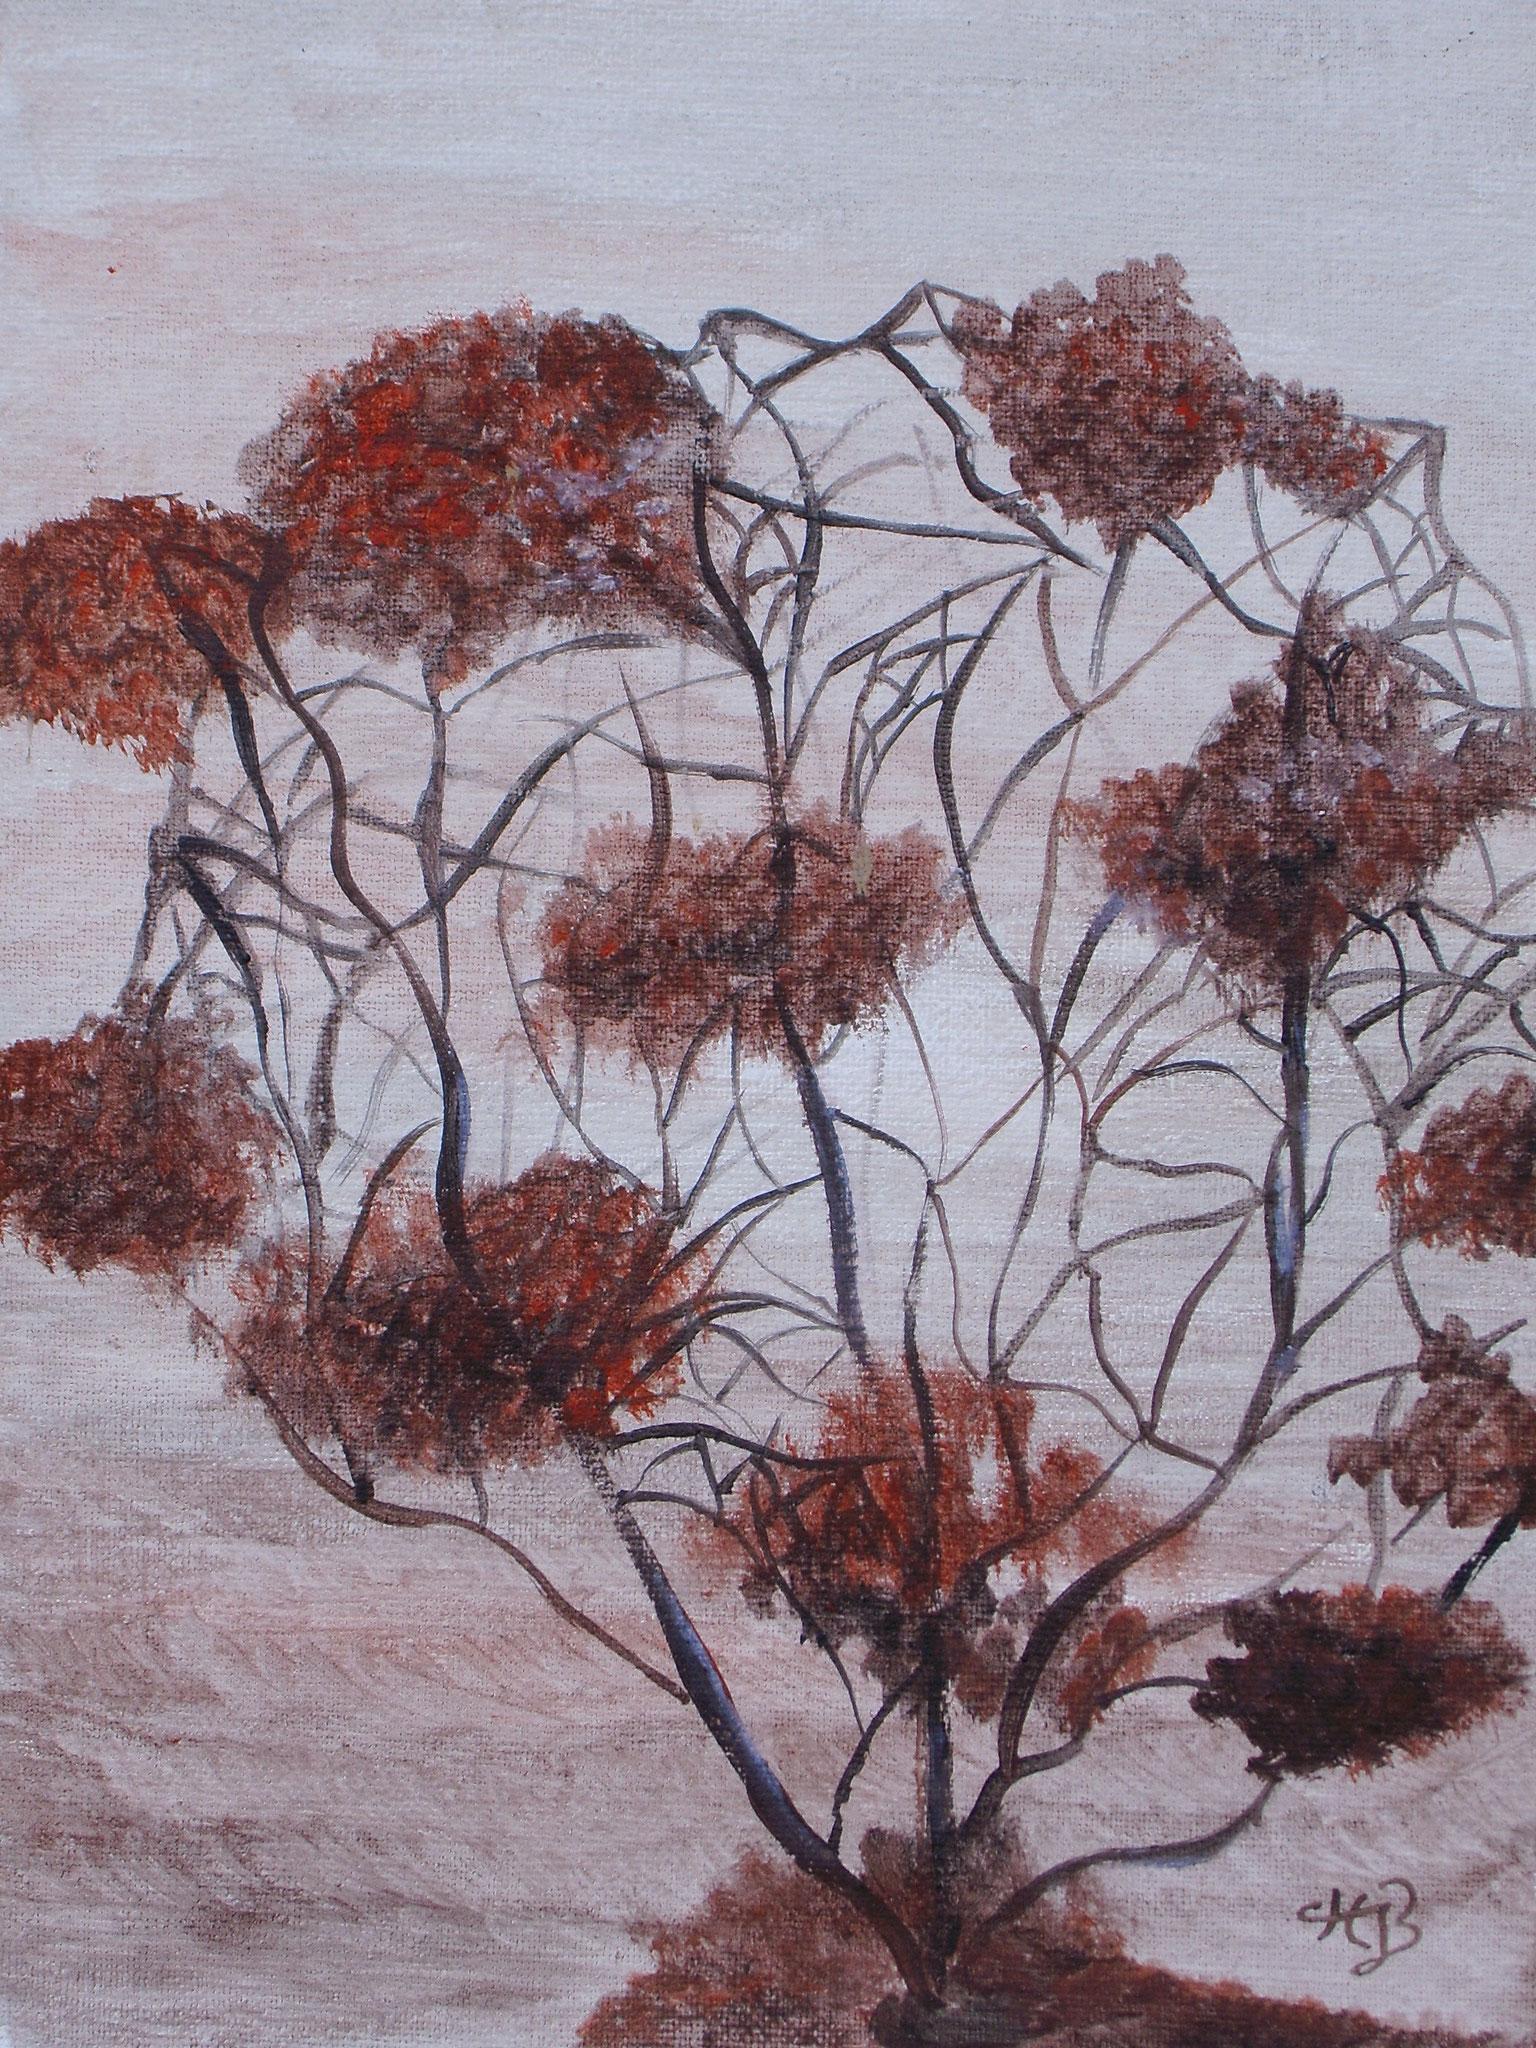 Strandbusch, 2006, Acryl, 18 x 24 cm